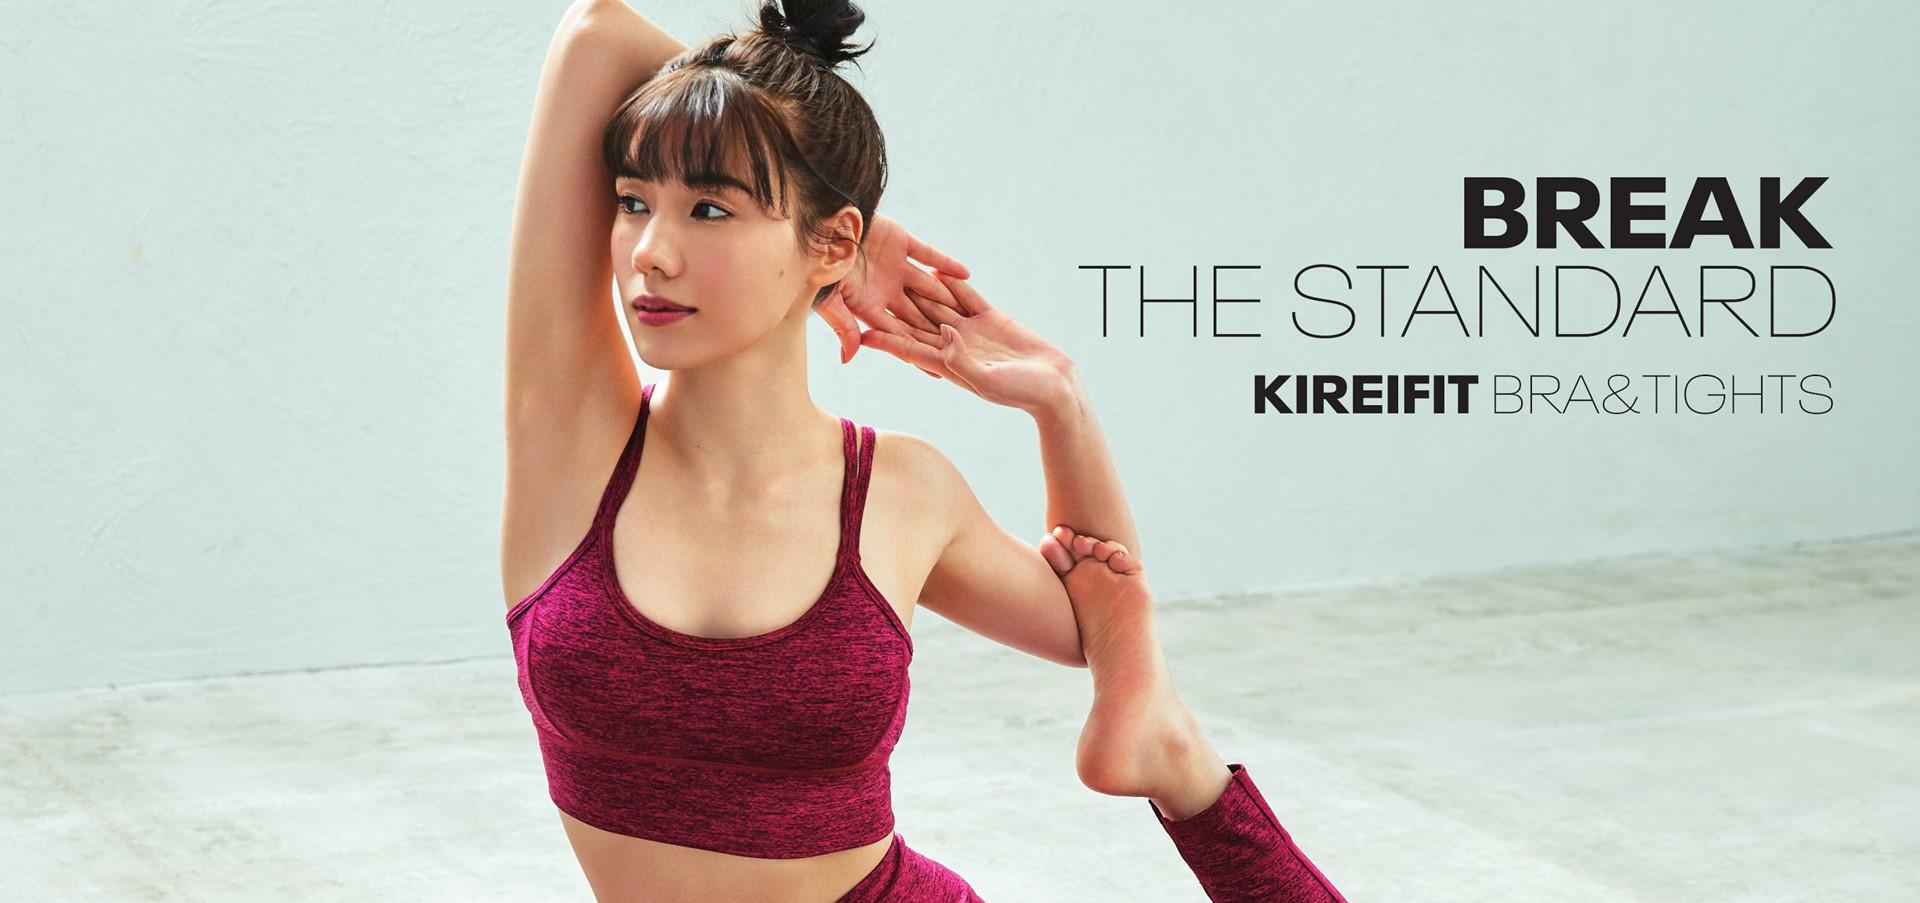 仲里依紗さんがしなやかなヨガポーズを披露 「KIREIFIT BRA & TIGHTS」 2020 年8 月6 日(木)